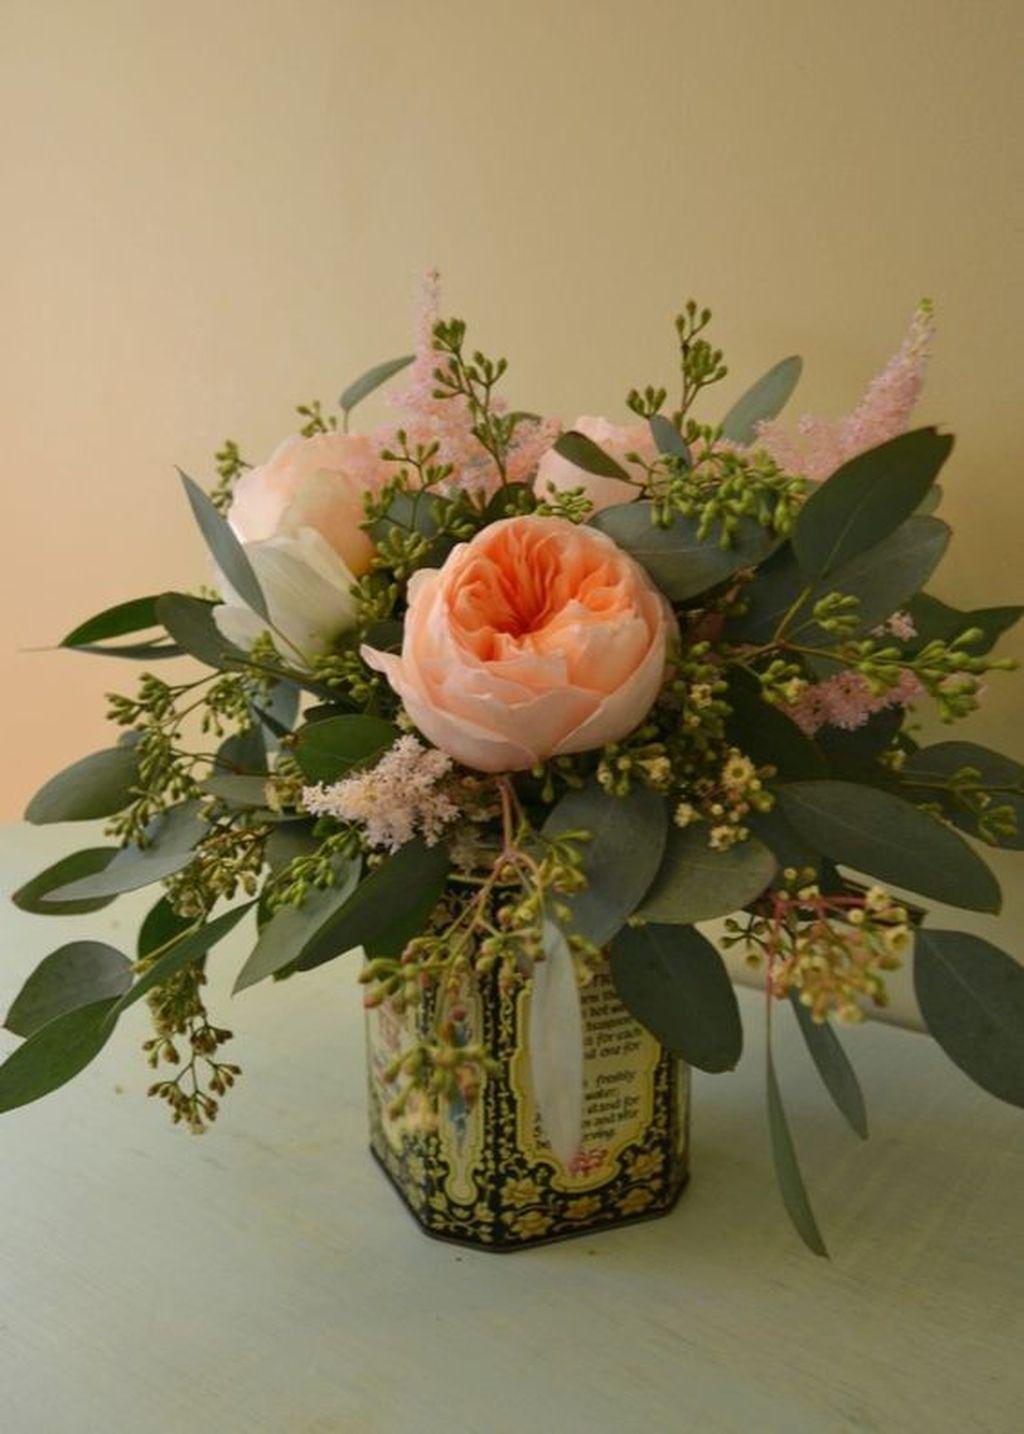 Amazing Unique Flower Arrangements Ideas For Your Home Decor 05